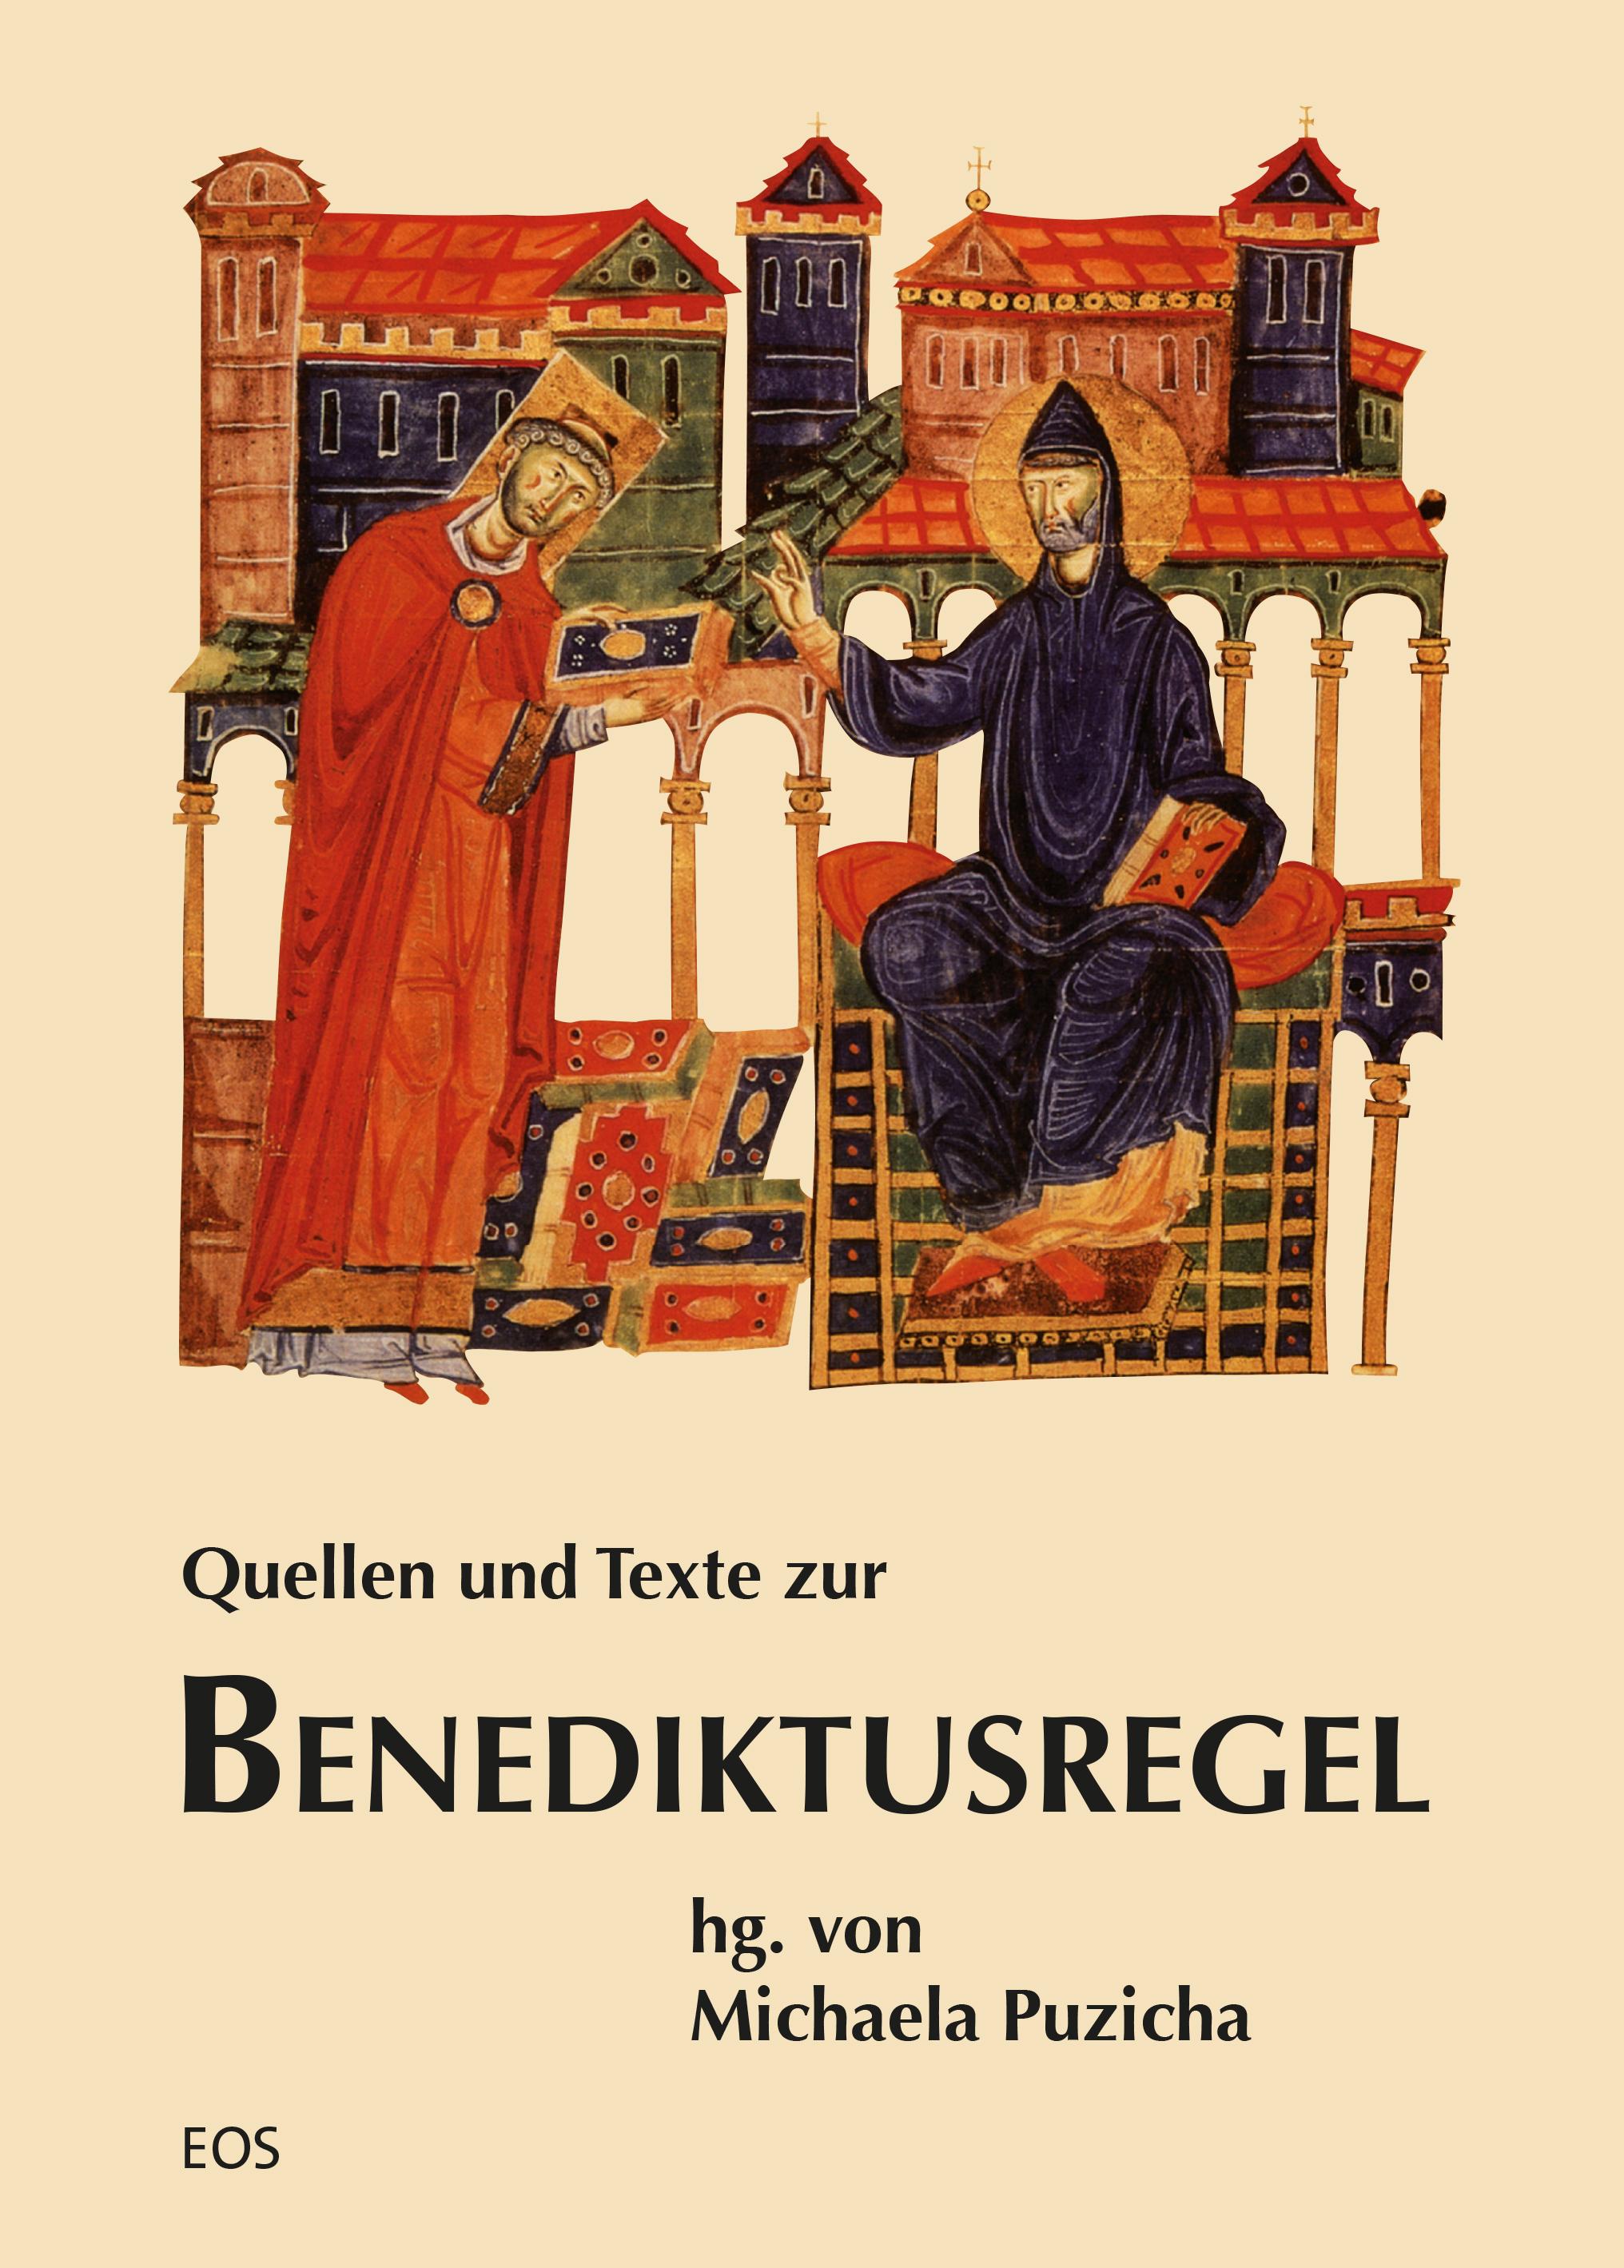 Quellen und Texte zur Benediktusregel (ebook)